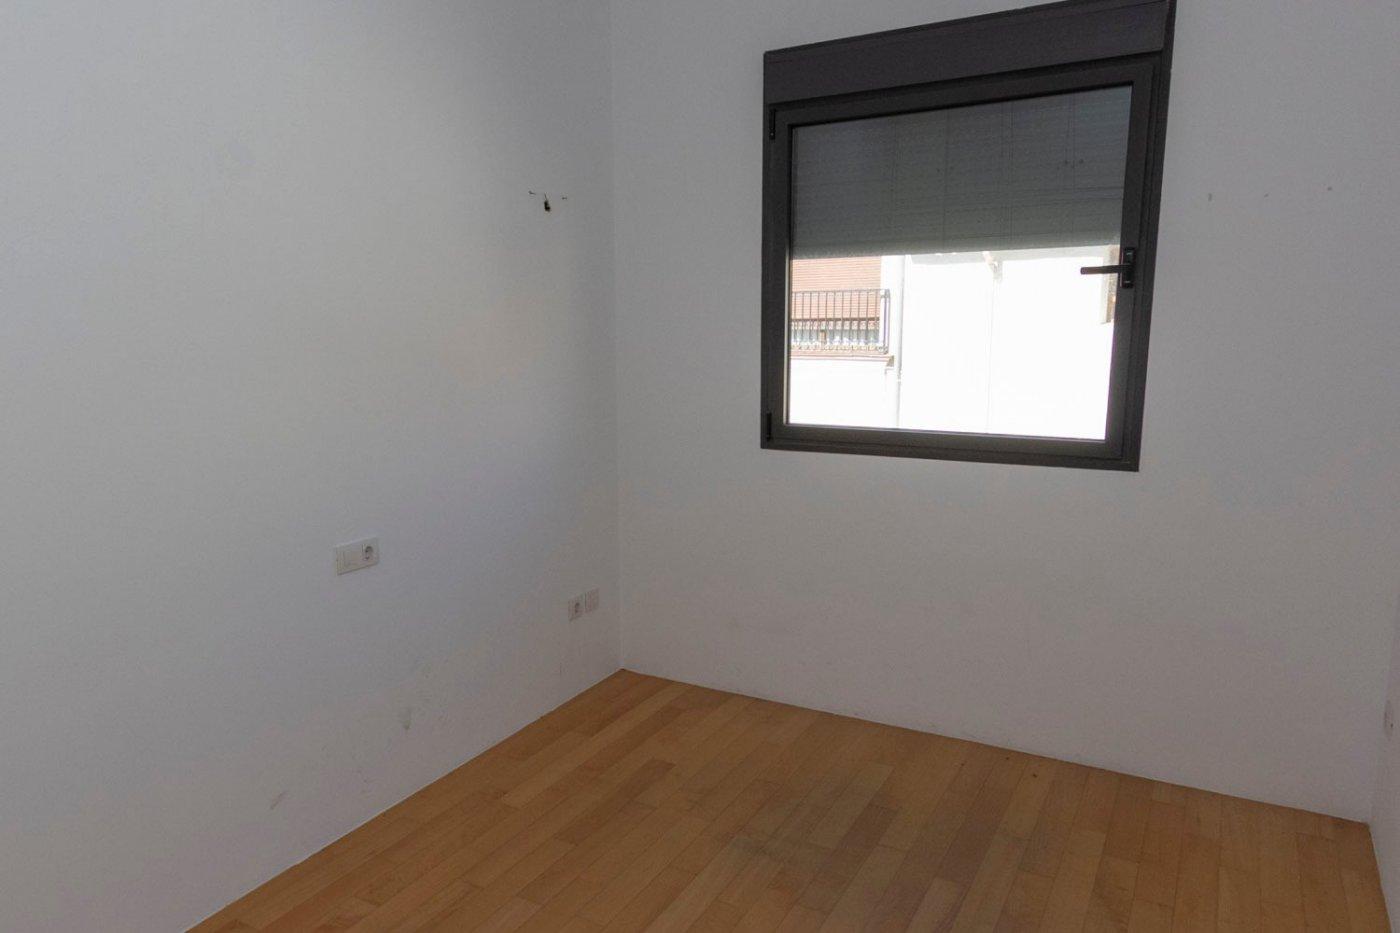 Piso de dos dormitorios de reciente construcción en zona centro de castalla - imagenInmueble9